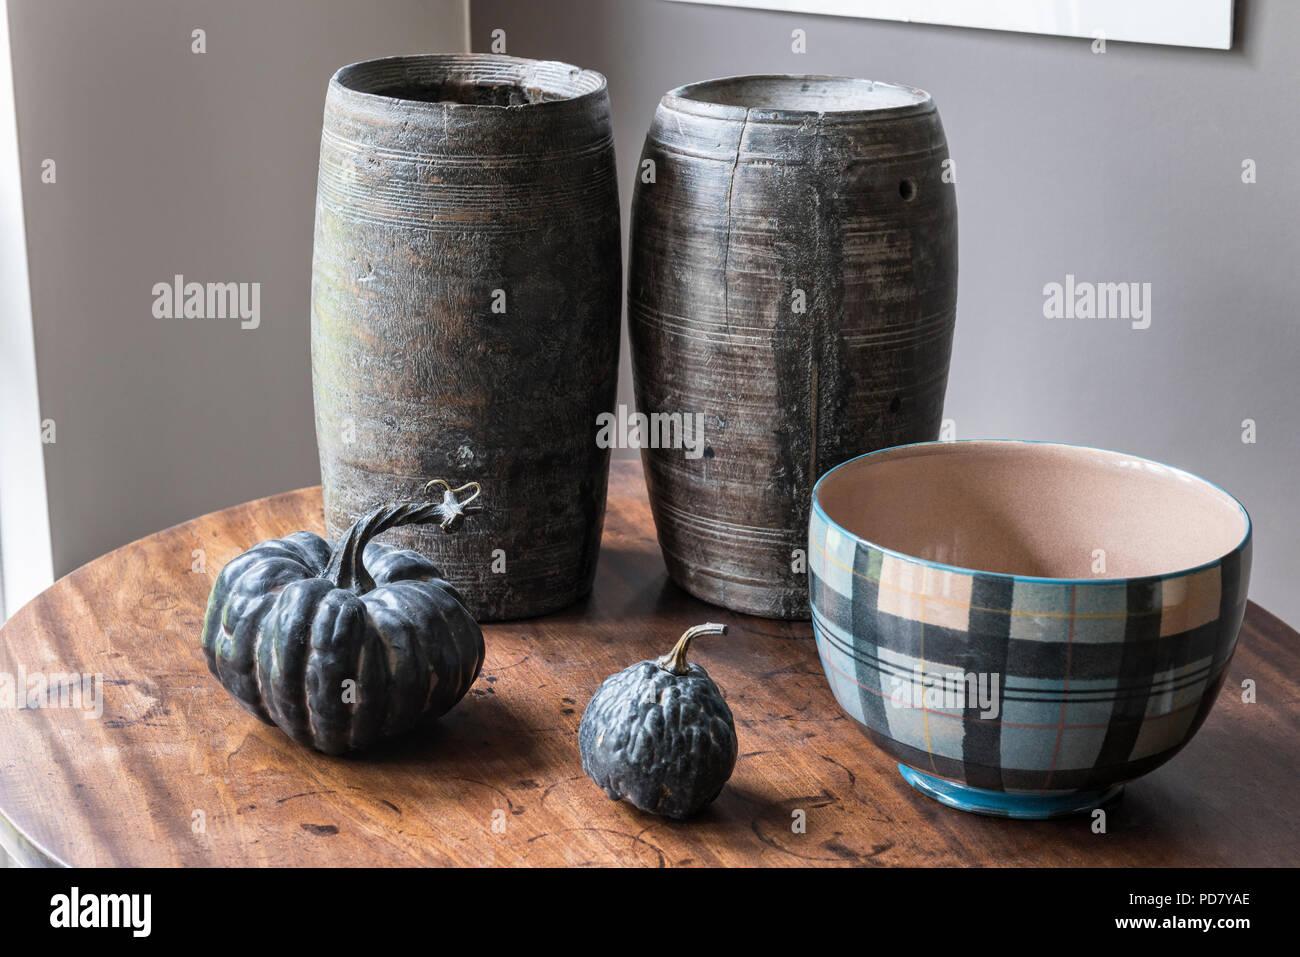 Due vasi di legno dal Sud Africa sono visualizzati su un piccolo tavolo in salotto con zucche essiccate e una ciotola da anta. Foto Stock